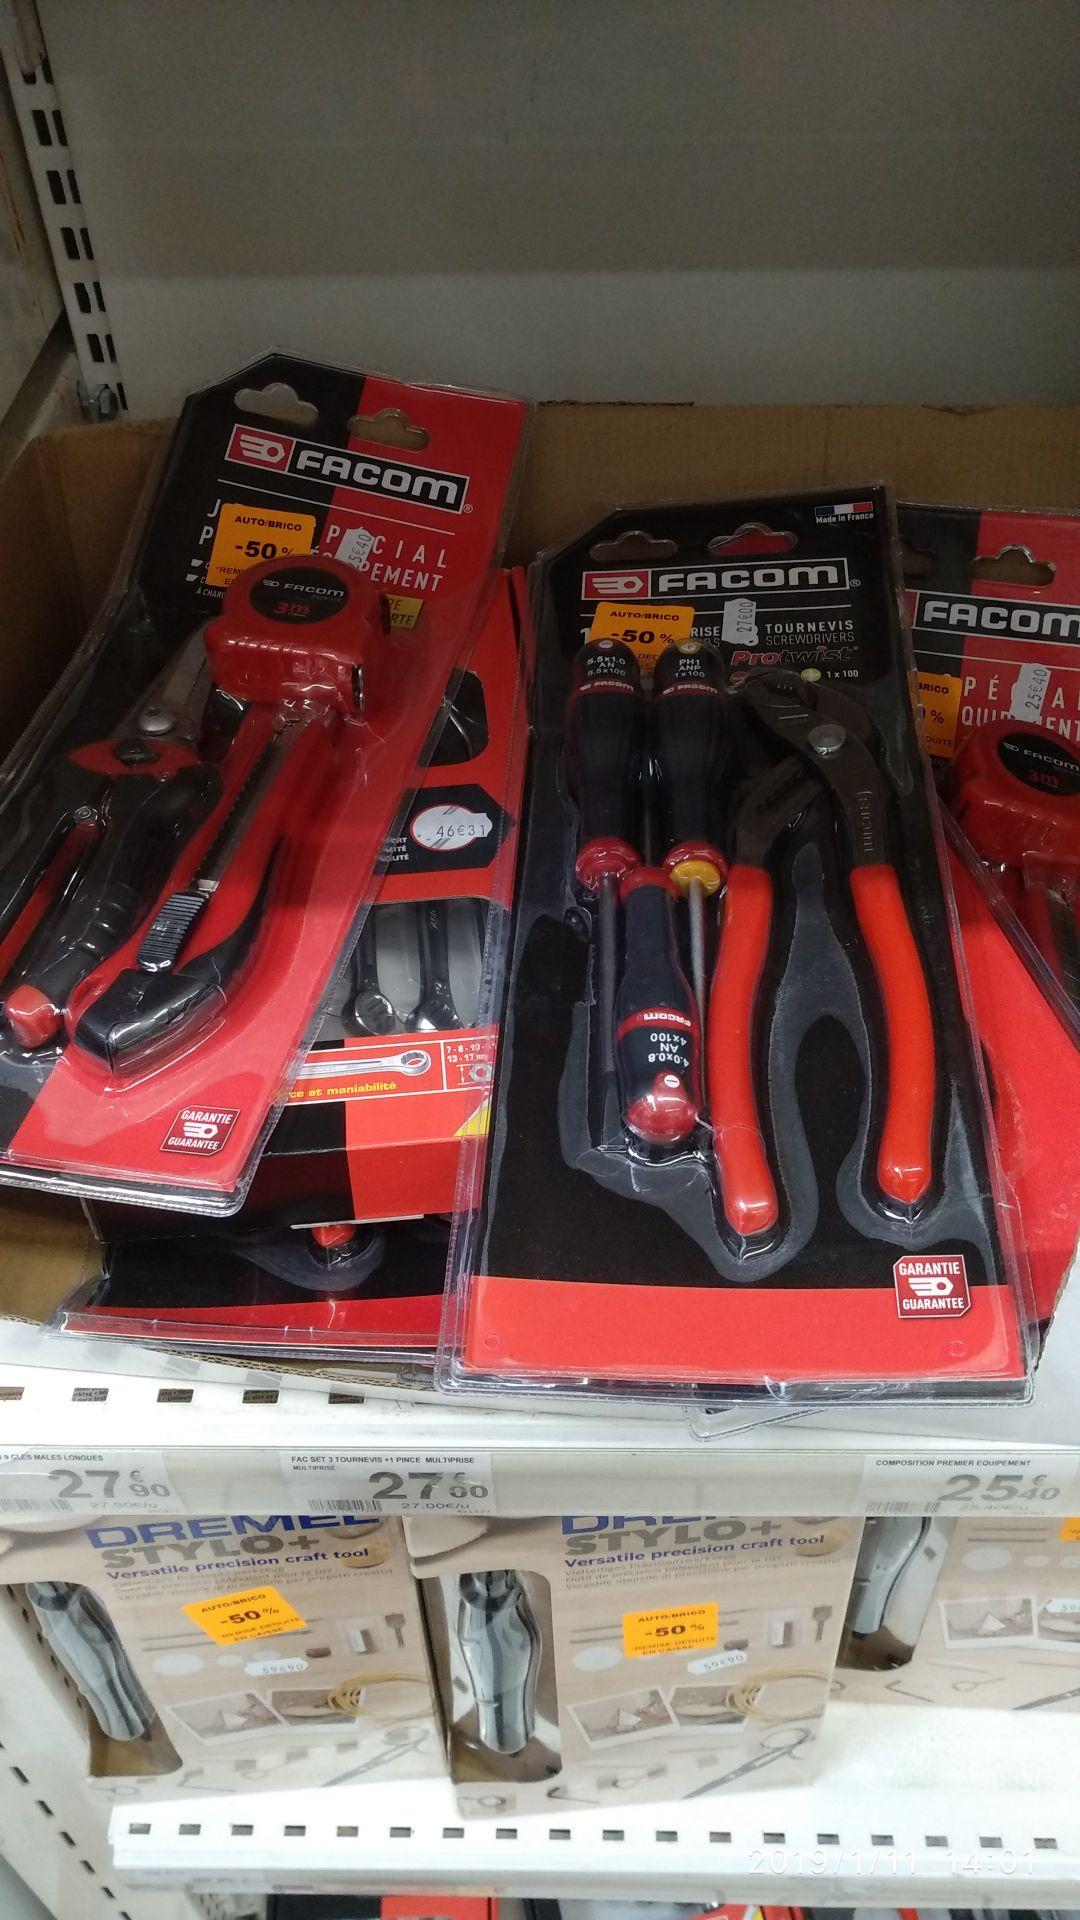 Lot de produit Facom exemple 6 clés mixtes - Auchan de guilherand Grange (07)